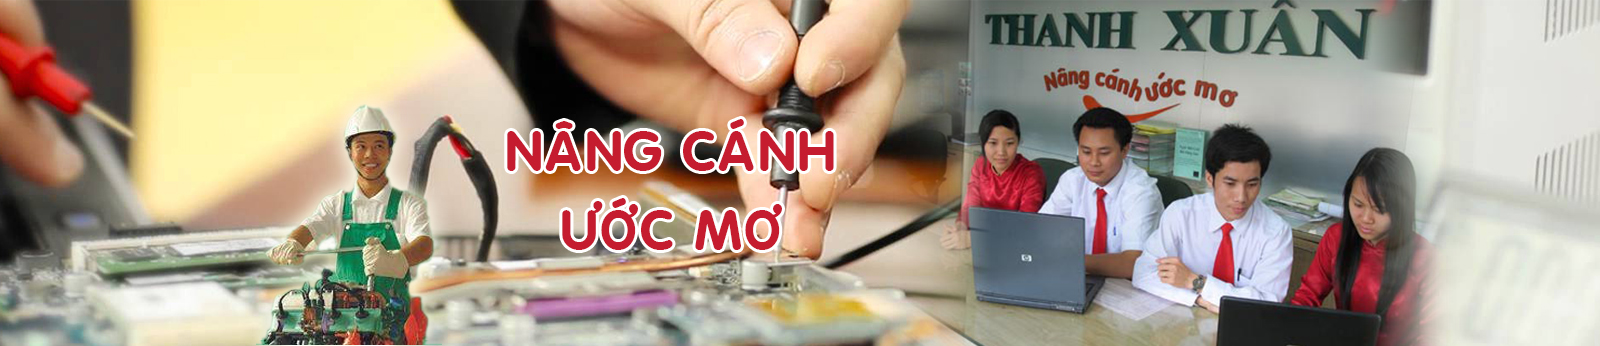 Học nghề tại Hà Nội